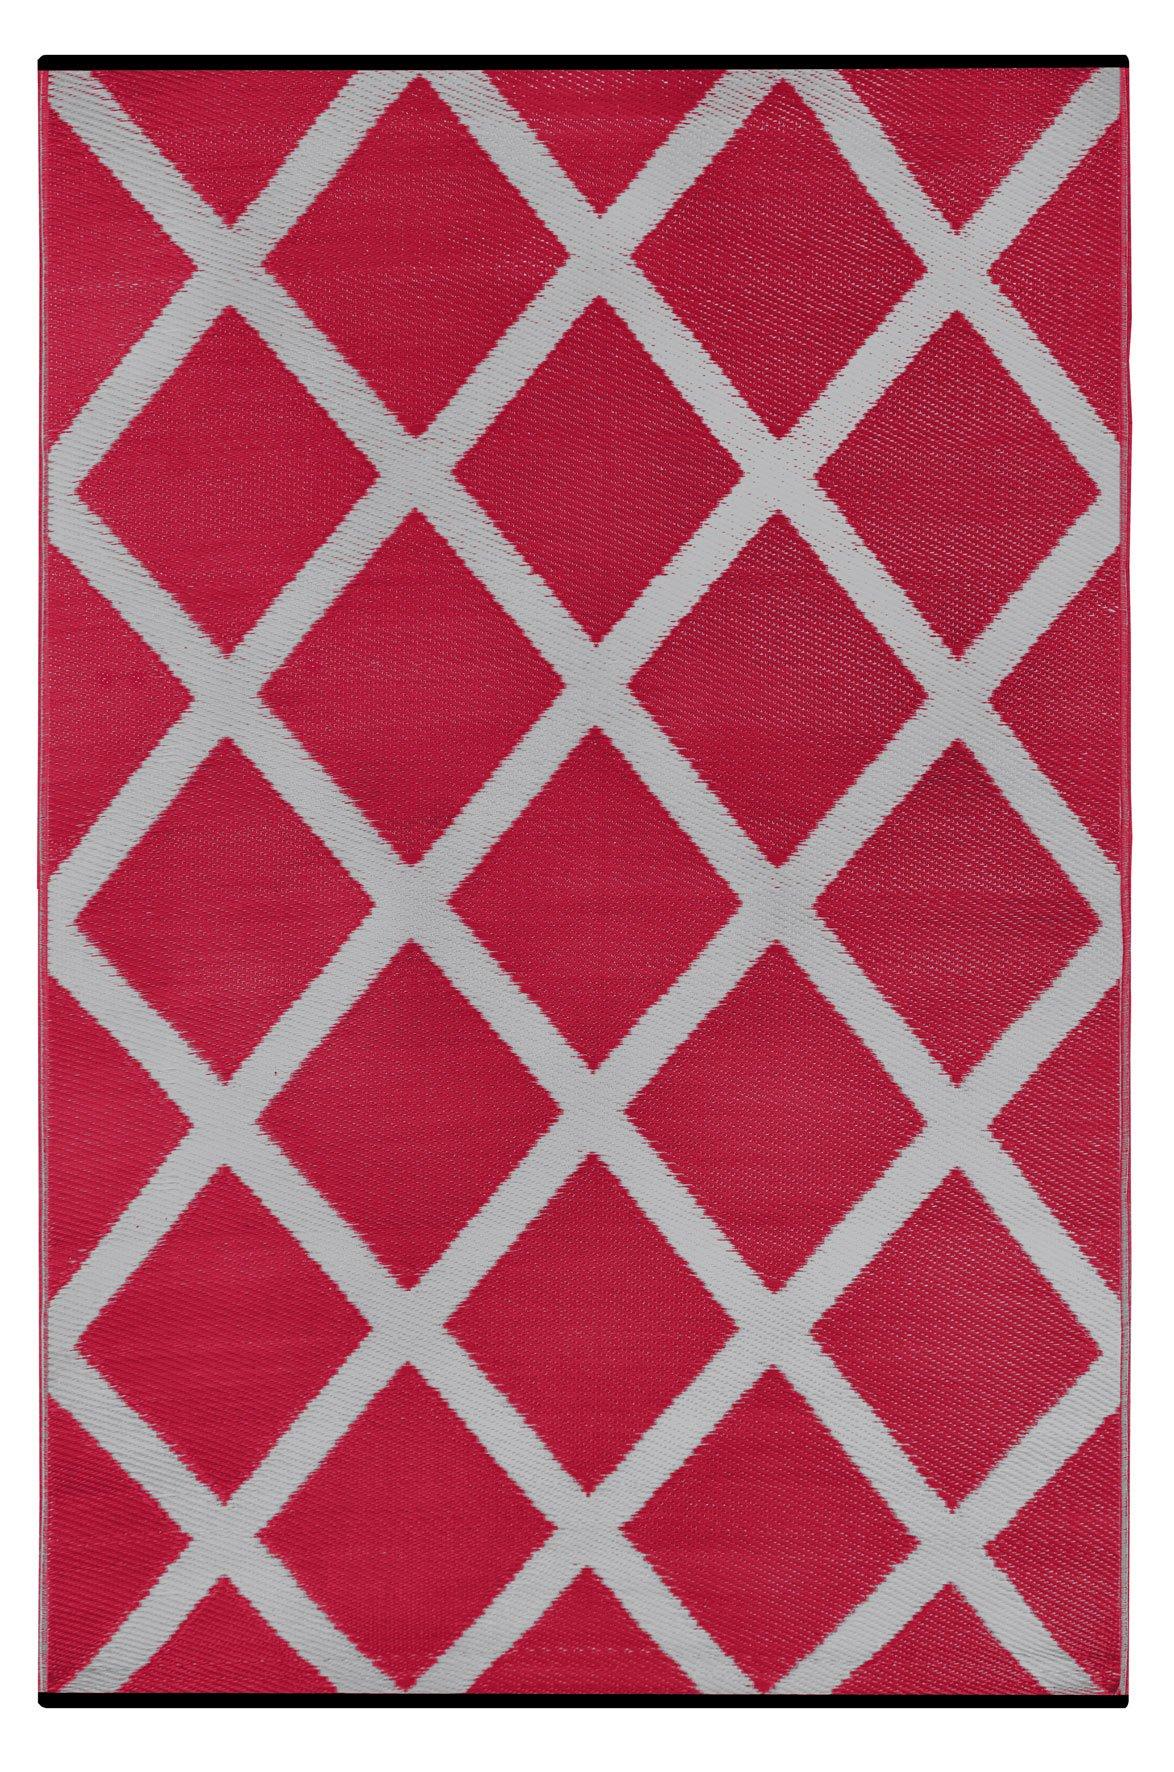 Green Decor Diamond Lightweight Indoor/Outdoor Reversible Plastic Rug, Red/Grey, 3 ft x 5 ft (90 cm x 150 cm)